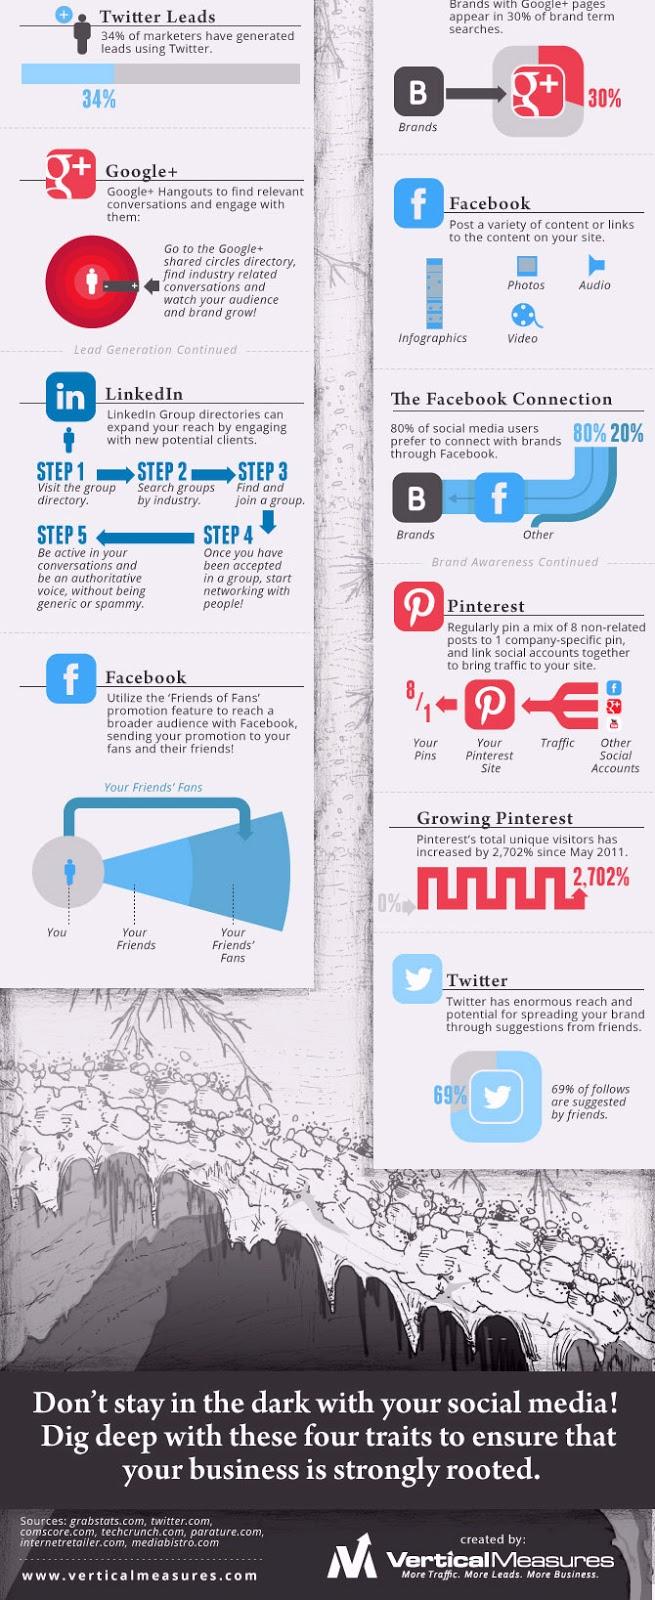 Infographie: développer une entreprise grâce aux médias sociaux